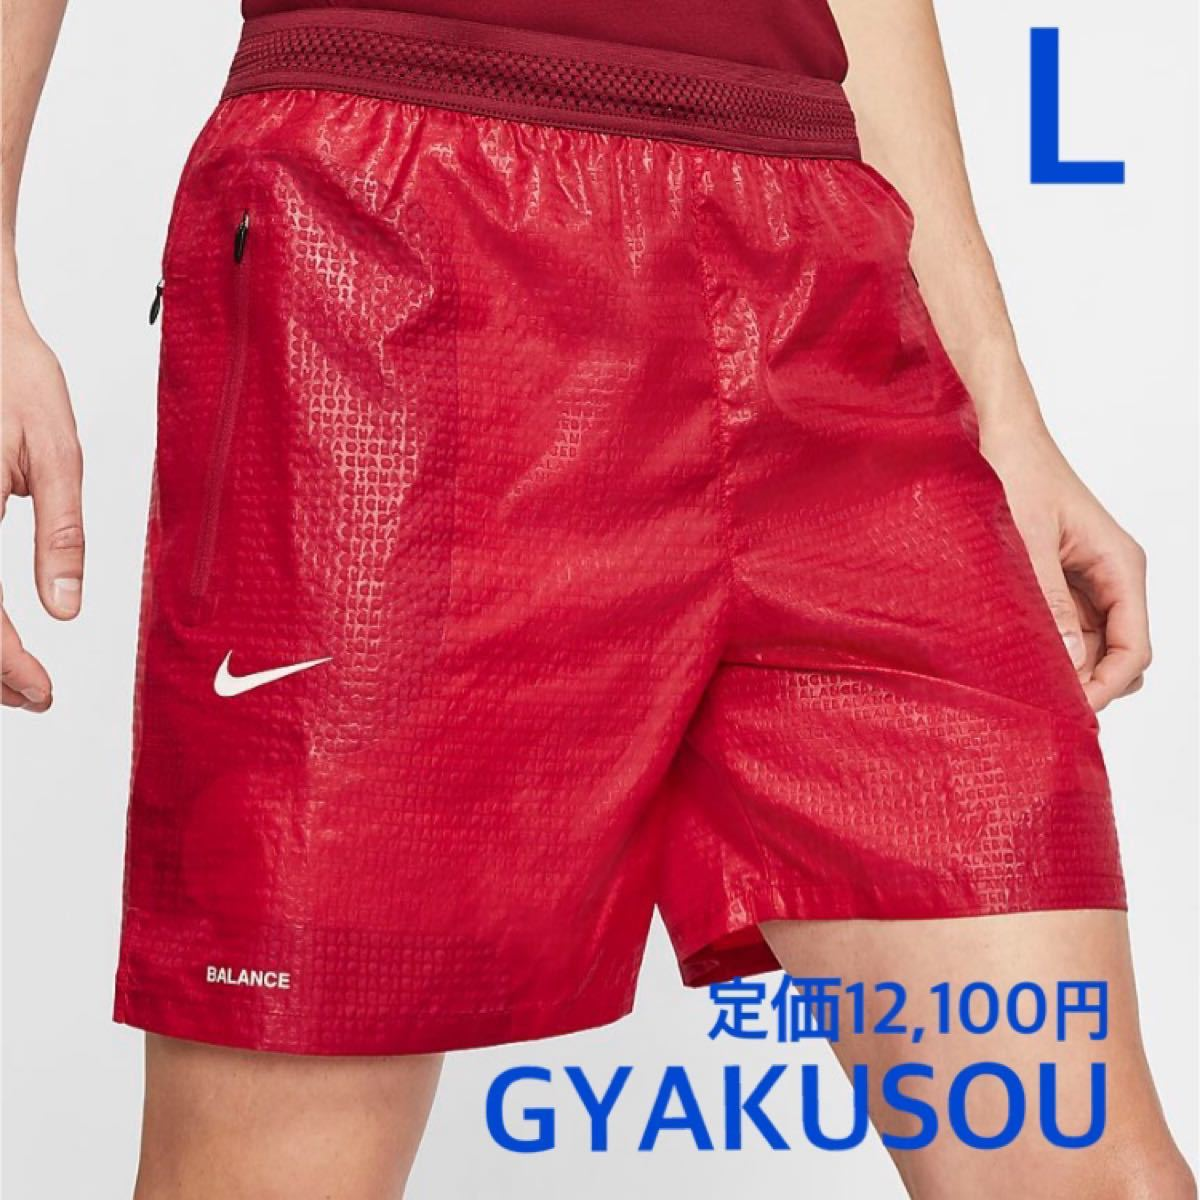 NIKE GYAKUSOU ショートパンツ メンズL レア商品 定価12100円